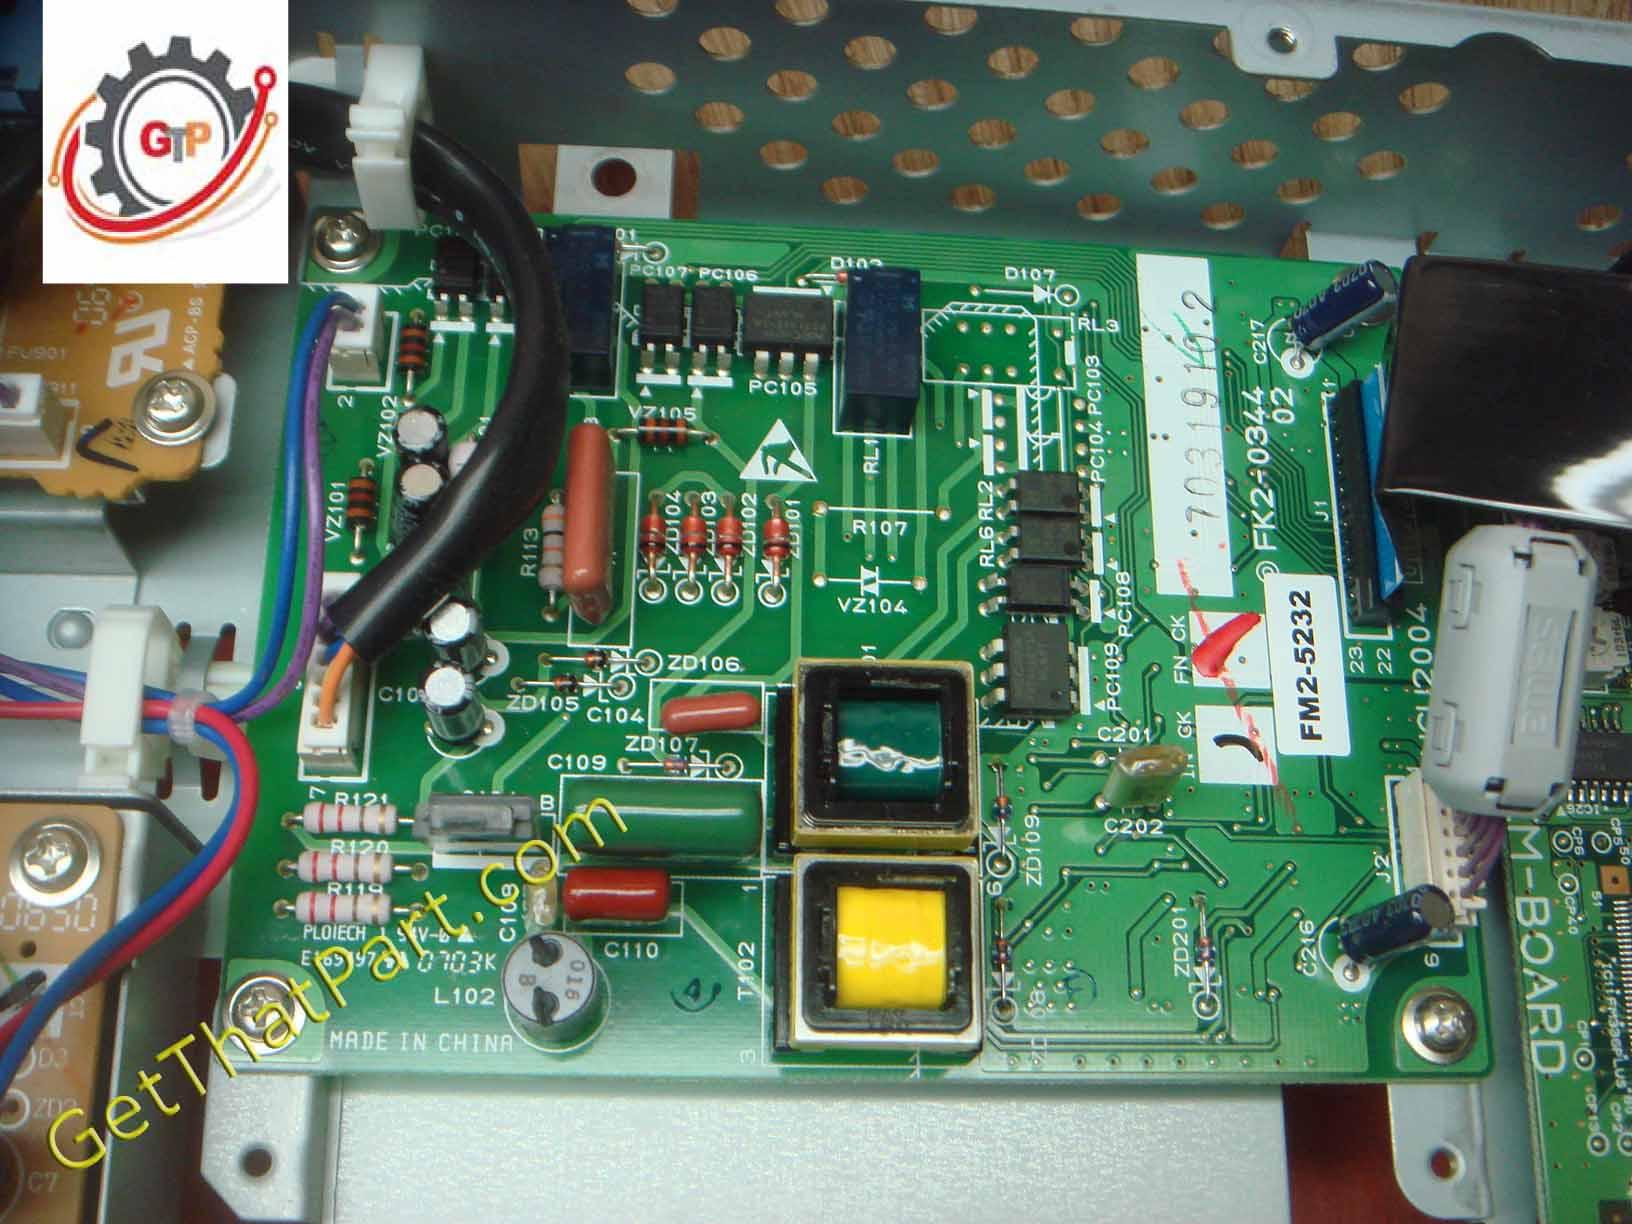 CANON IR C5180 H1 WINDOWS 7 X64 TREIBER